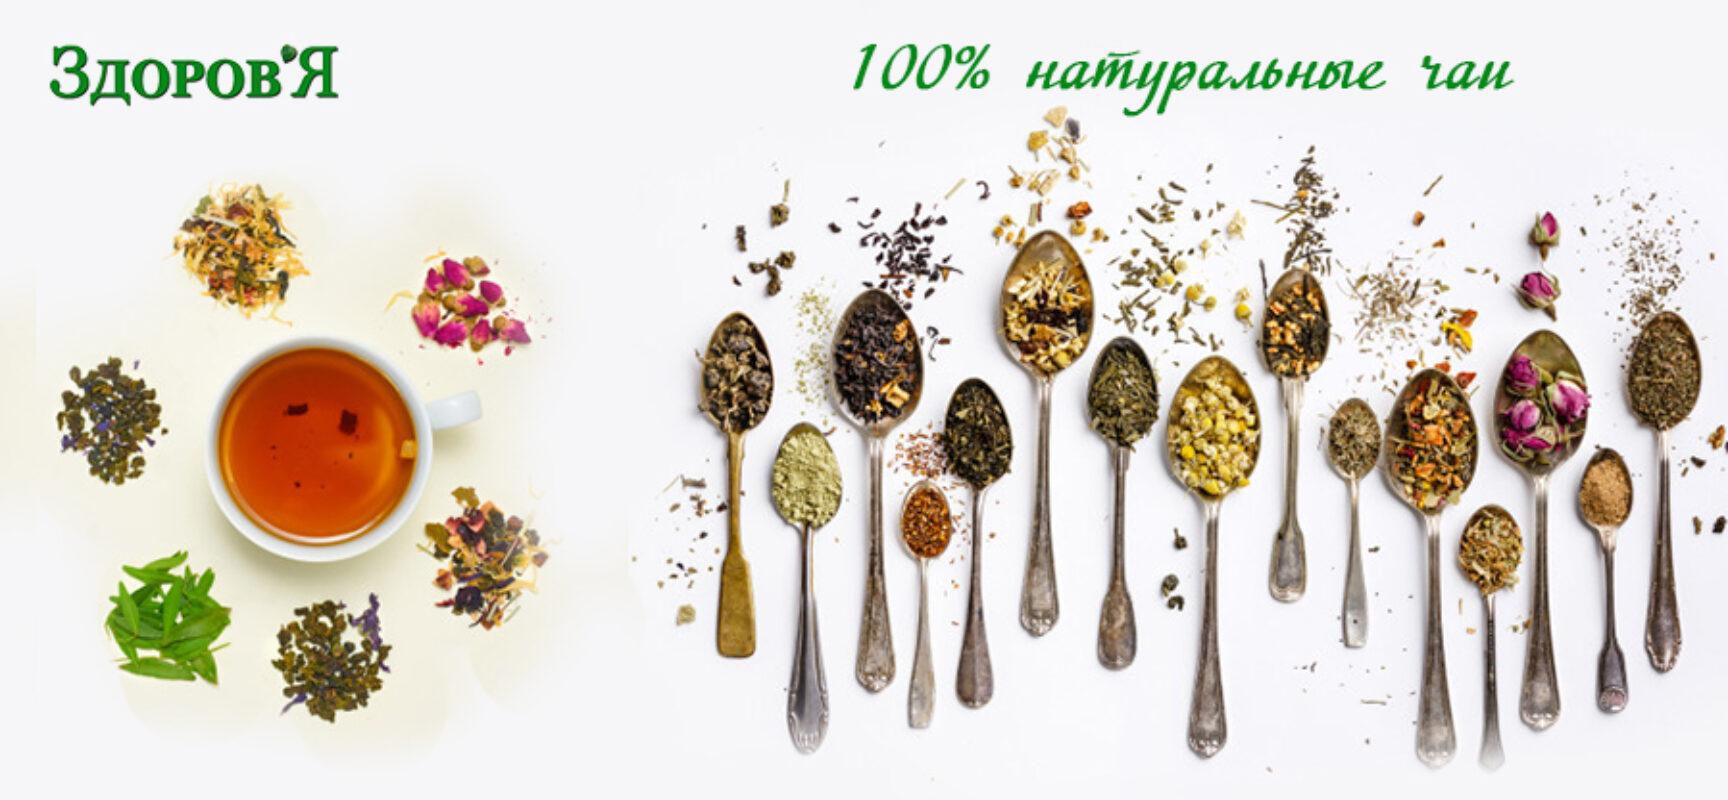 Ферментированные чаи торговой марки «Здоров'Я»